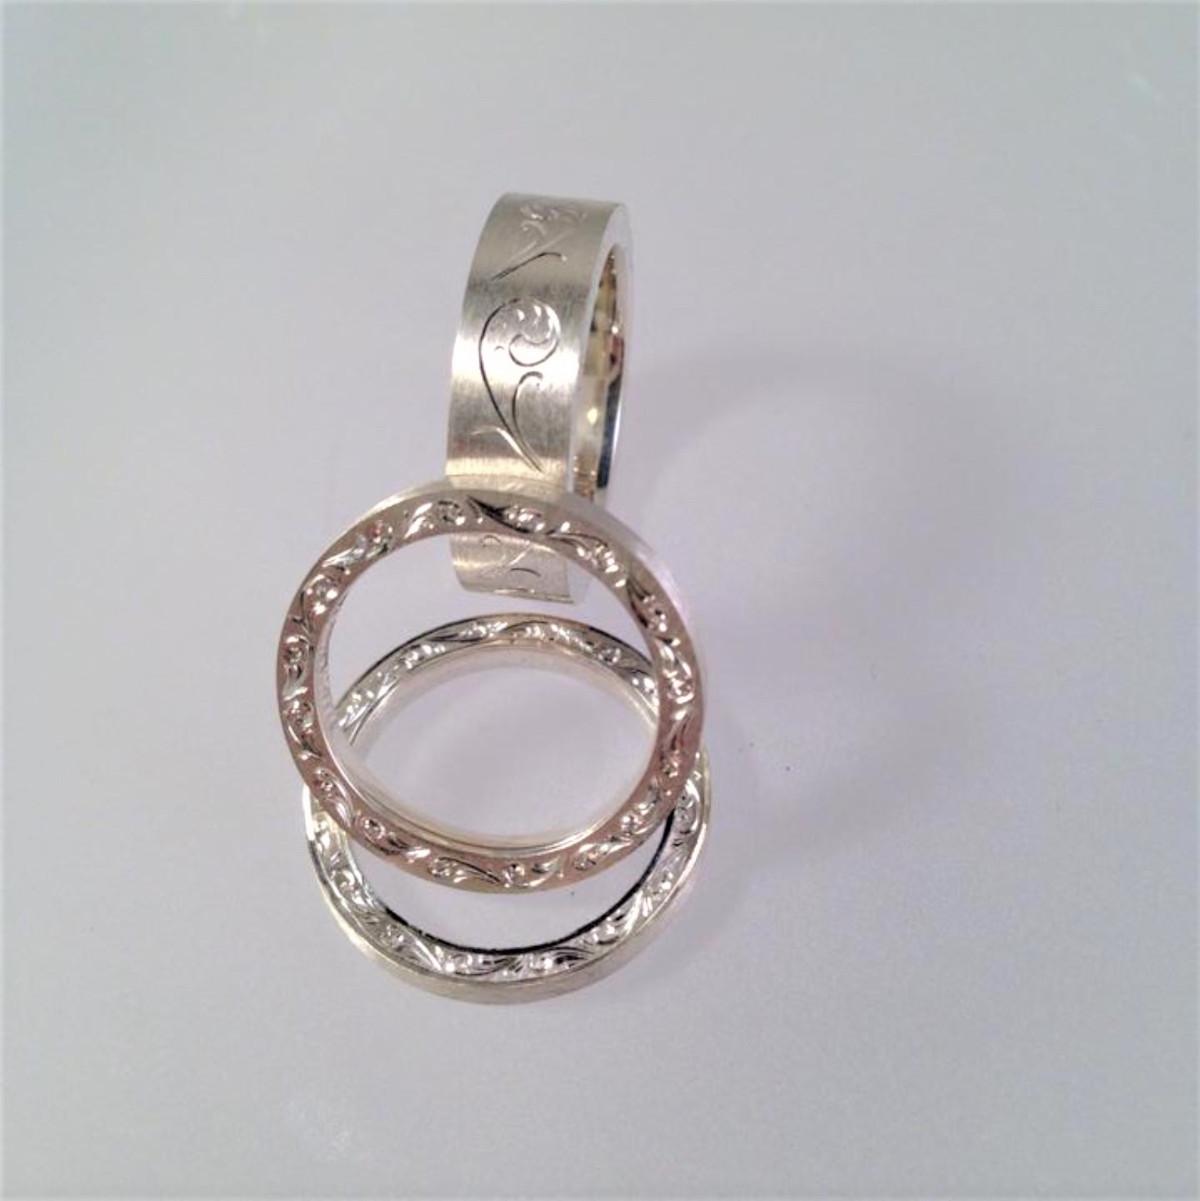 Silverringar, handgravyr, handgjorda ringar